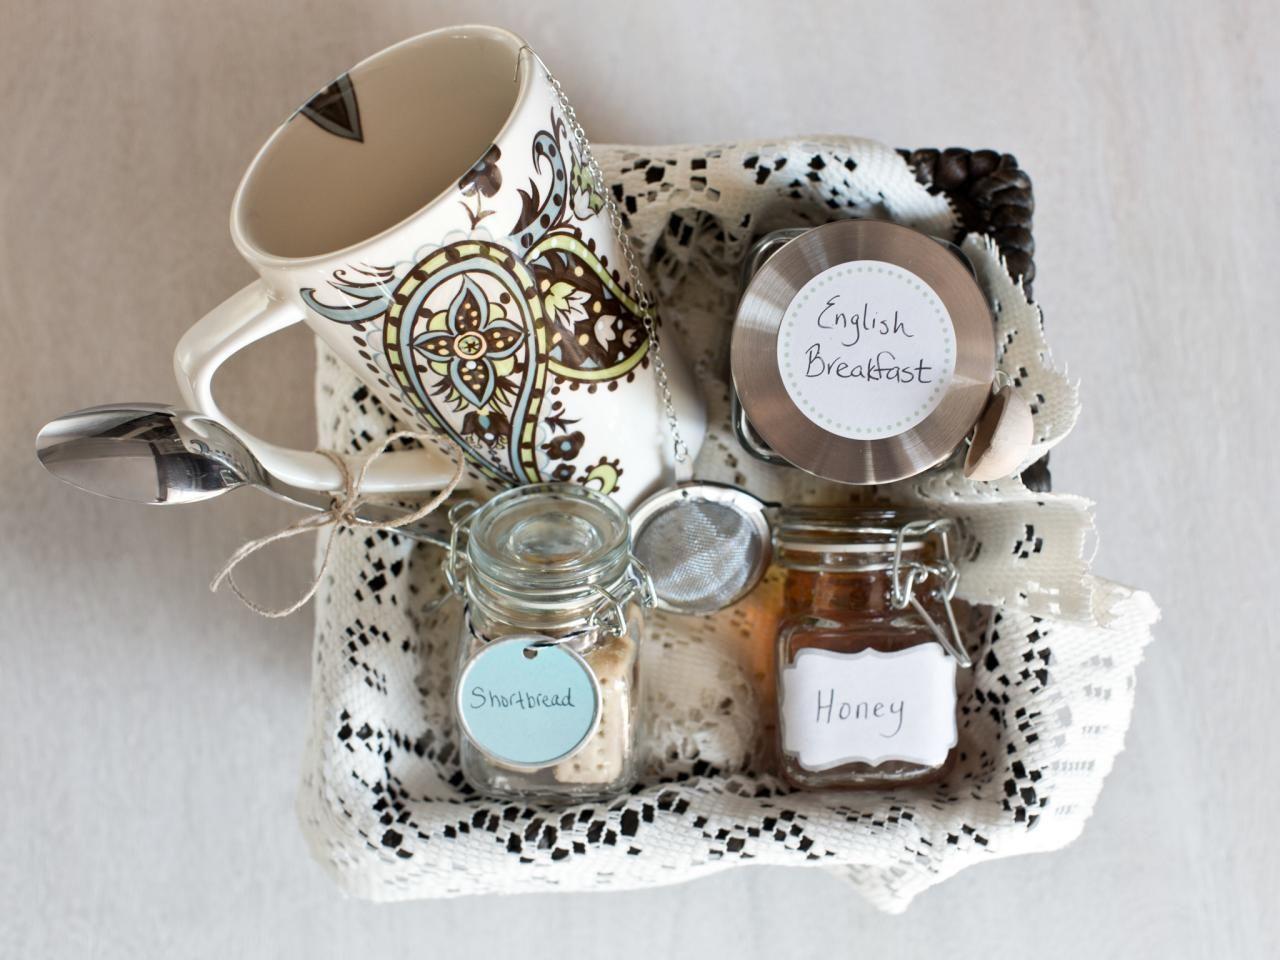 Christmas Gift Baskets   Gift Ideas   Christmas gift ...